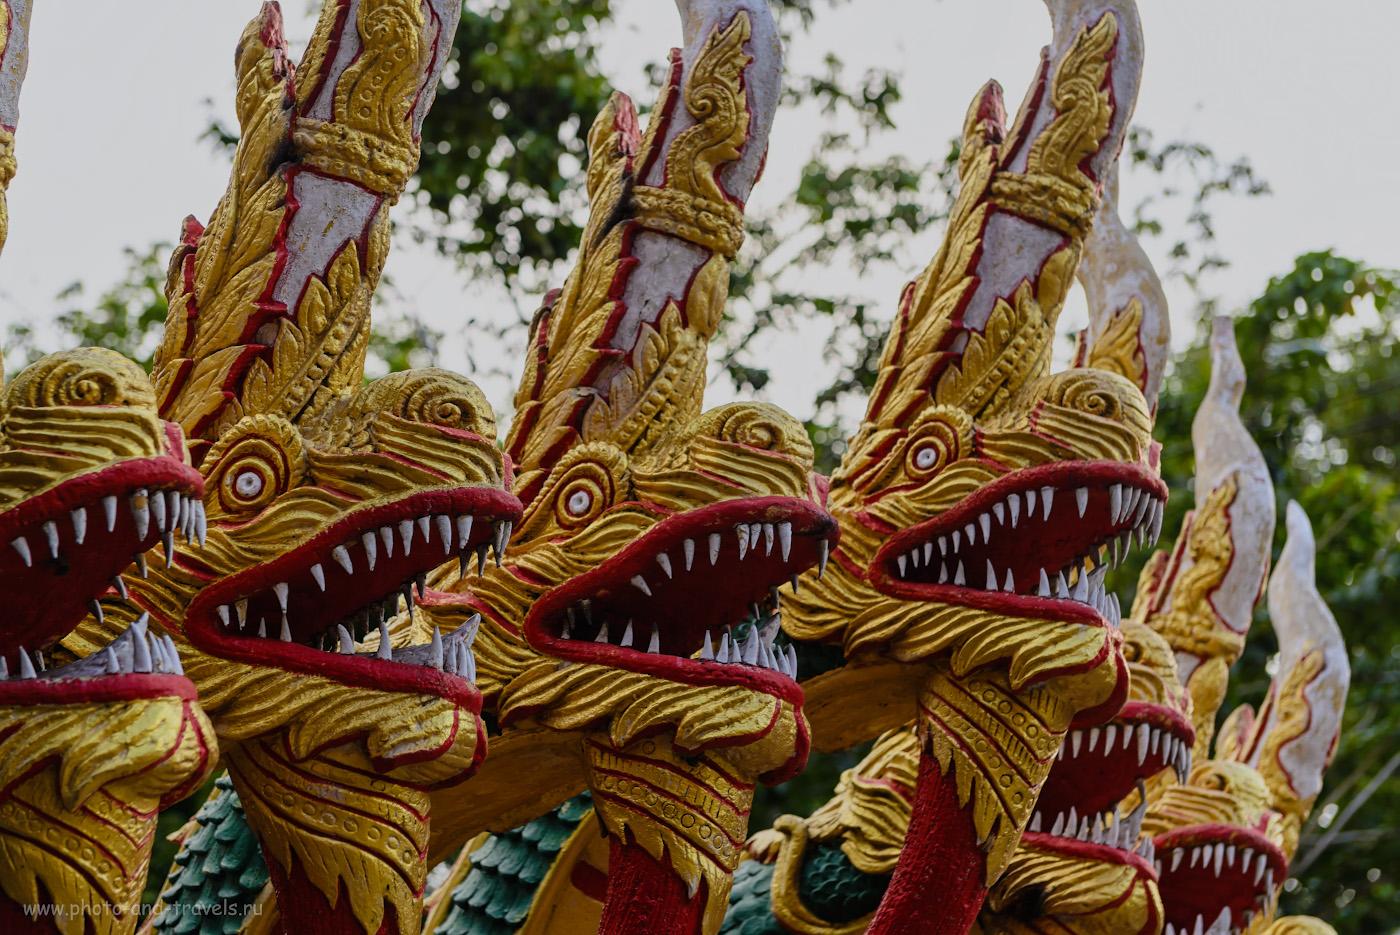 Фото 23. Нага в храме Wat Phra Yai у статуи Большого Будды в Паттайе. Отзывы туристов о самостоятельной поездке на отдых в Таиланд в октябре. Что интересного можно посмотреть в городе и его окрестностях. 1/160, -1.67, 4.5, 160, 70.